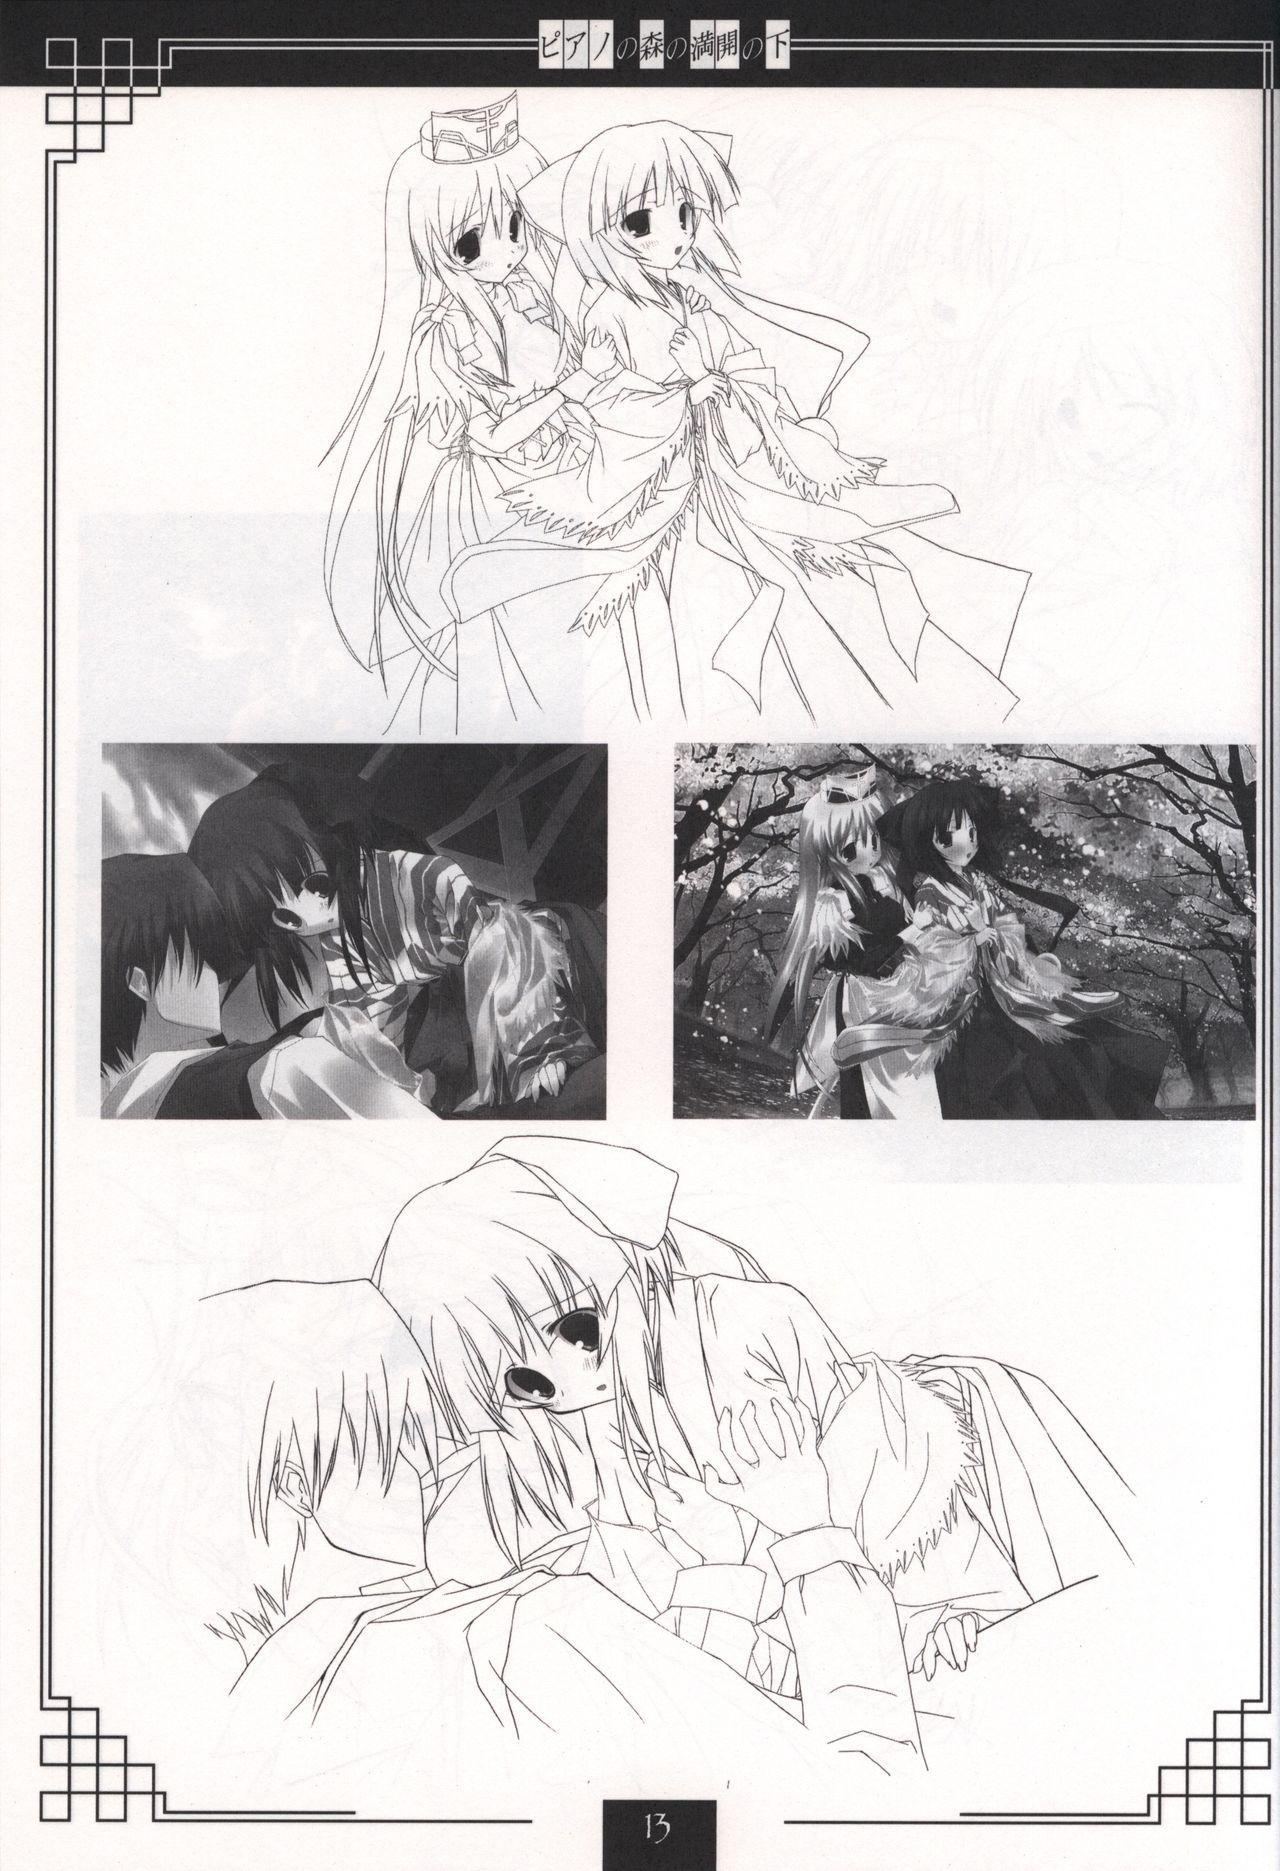 Piano no Mori no Mankai no Shita illustration art book 11